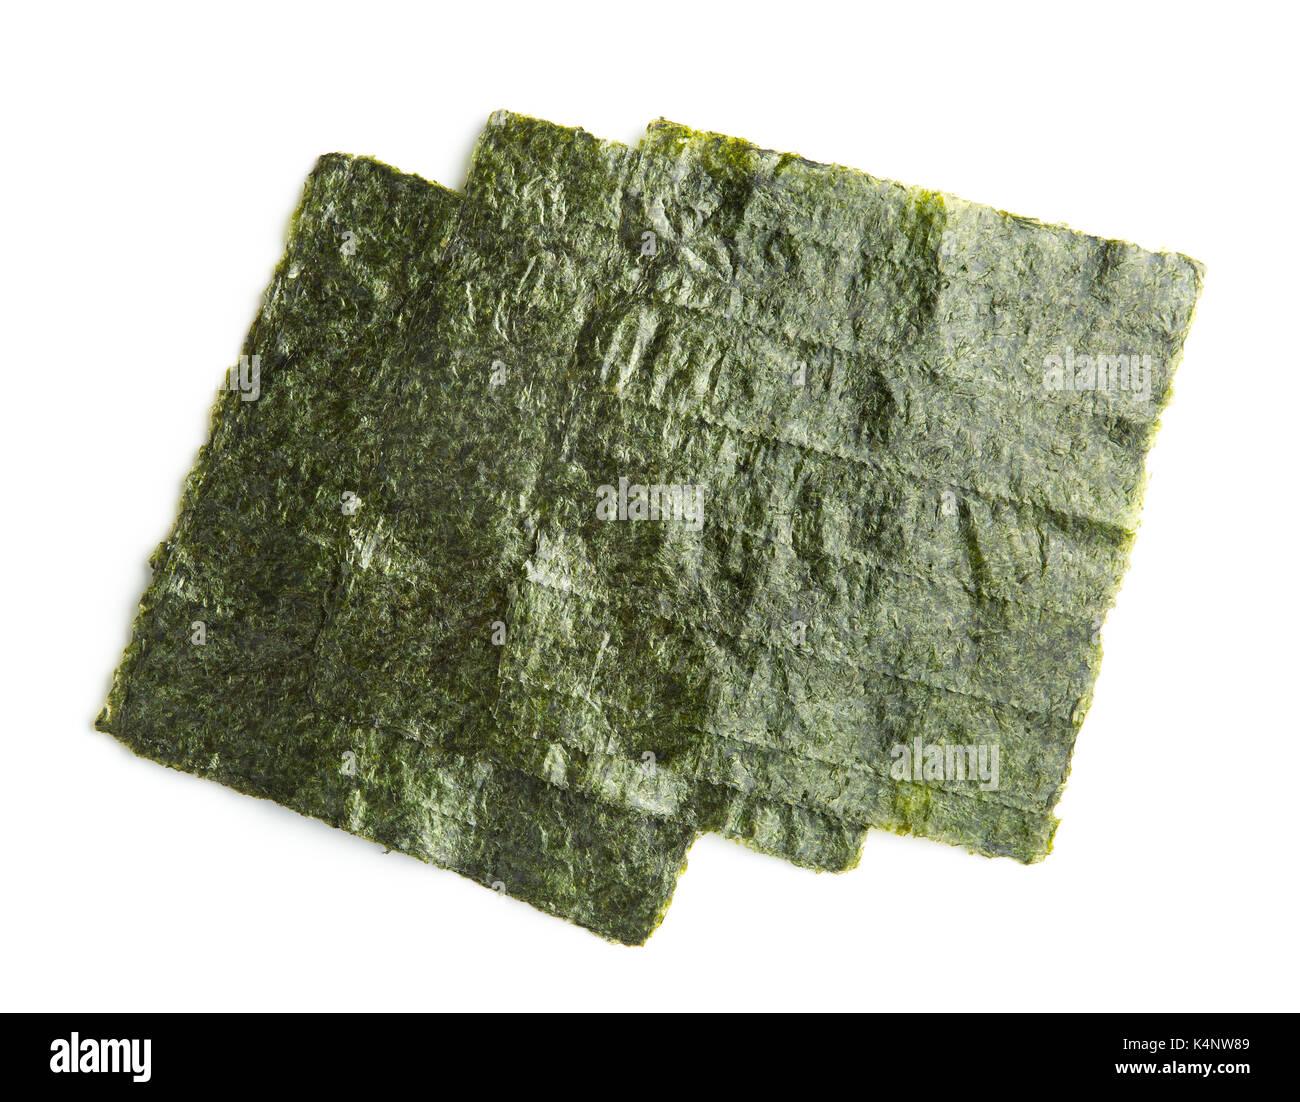 Verde foglio di nori isolati su sfondo bianco. nori è l'ingrediente per il sushi. Immagini Stock